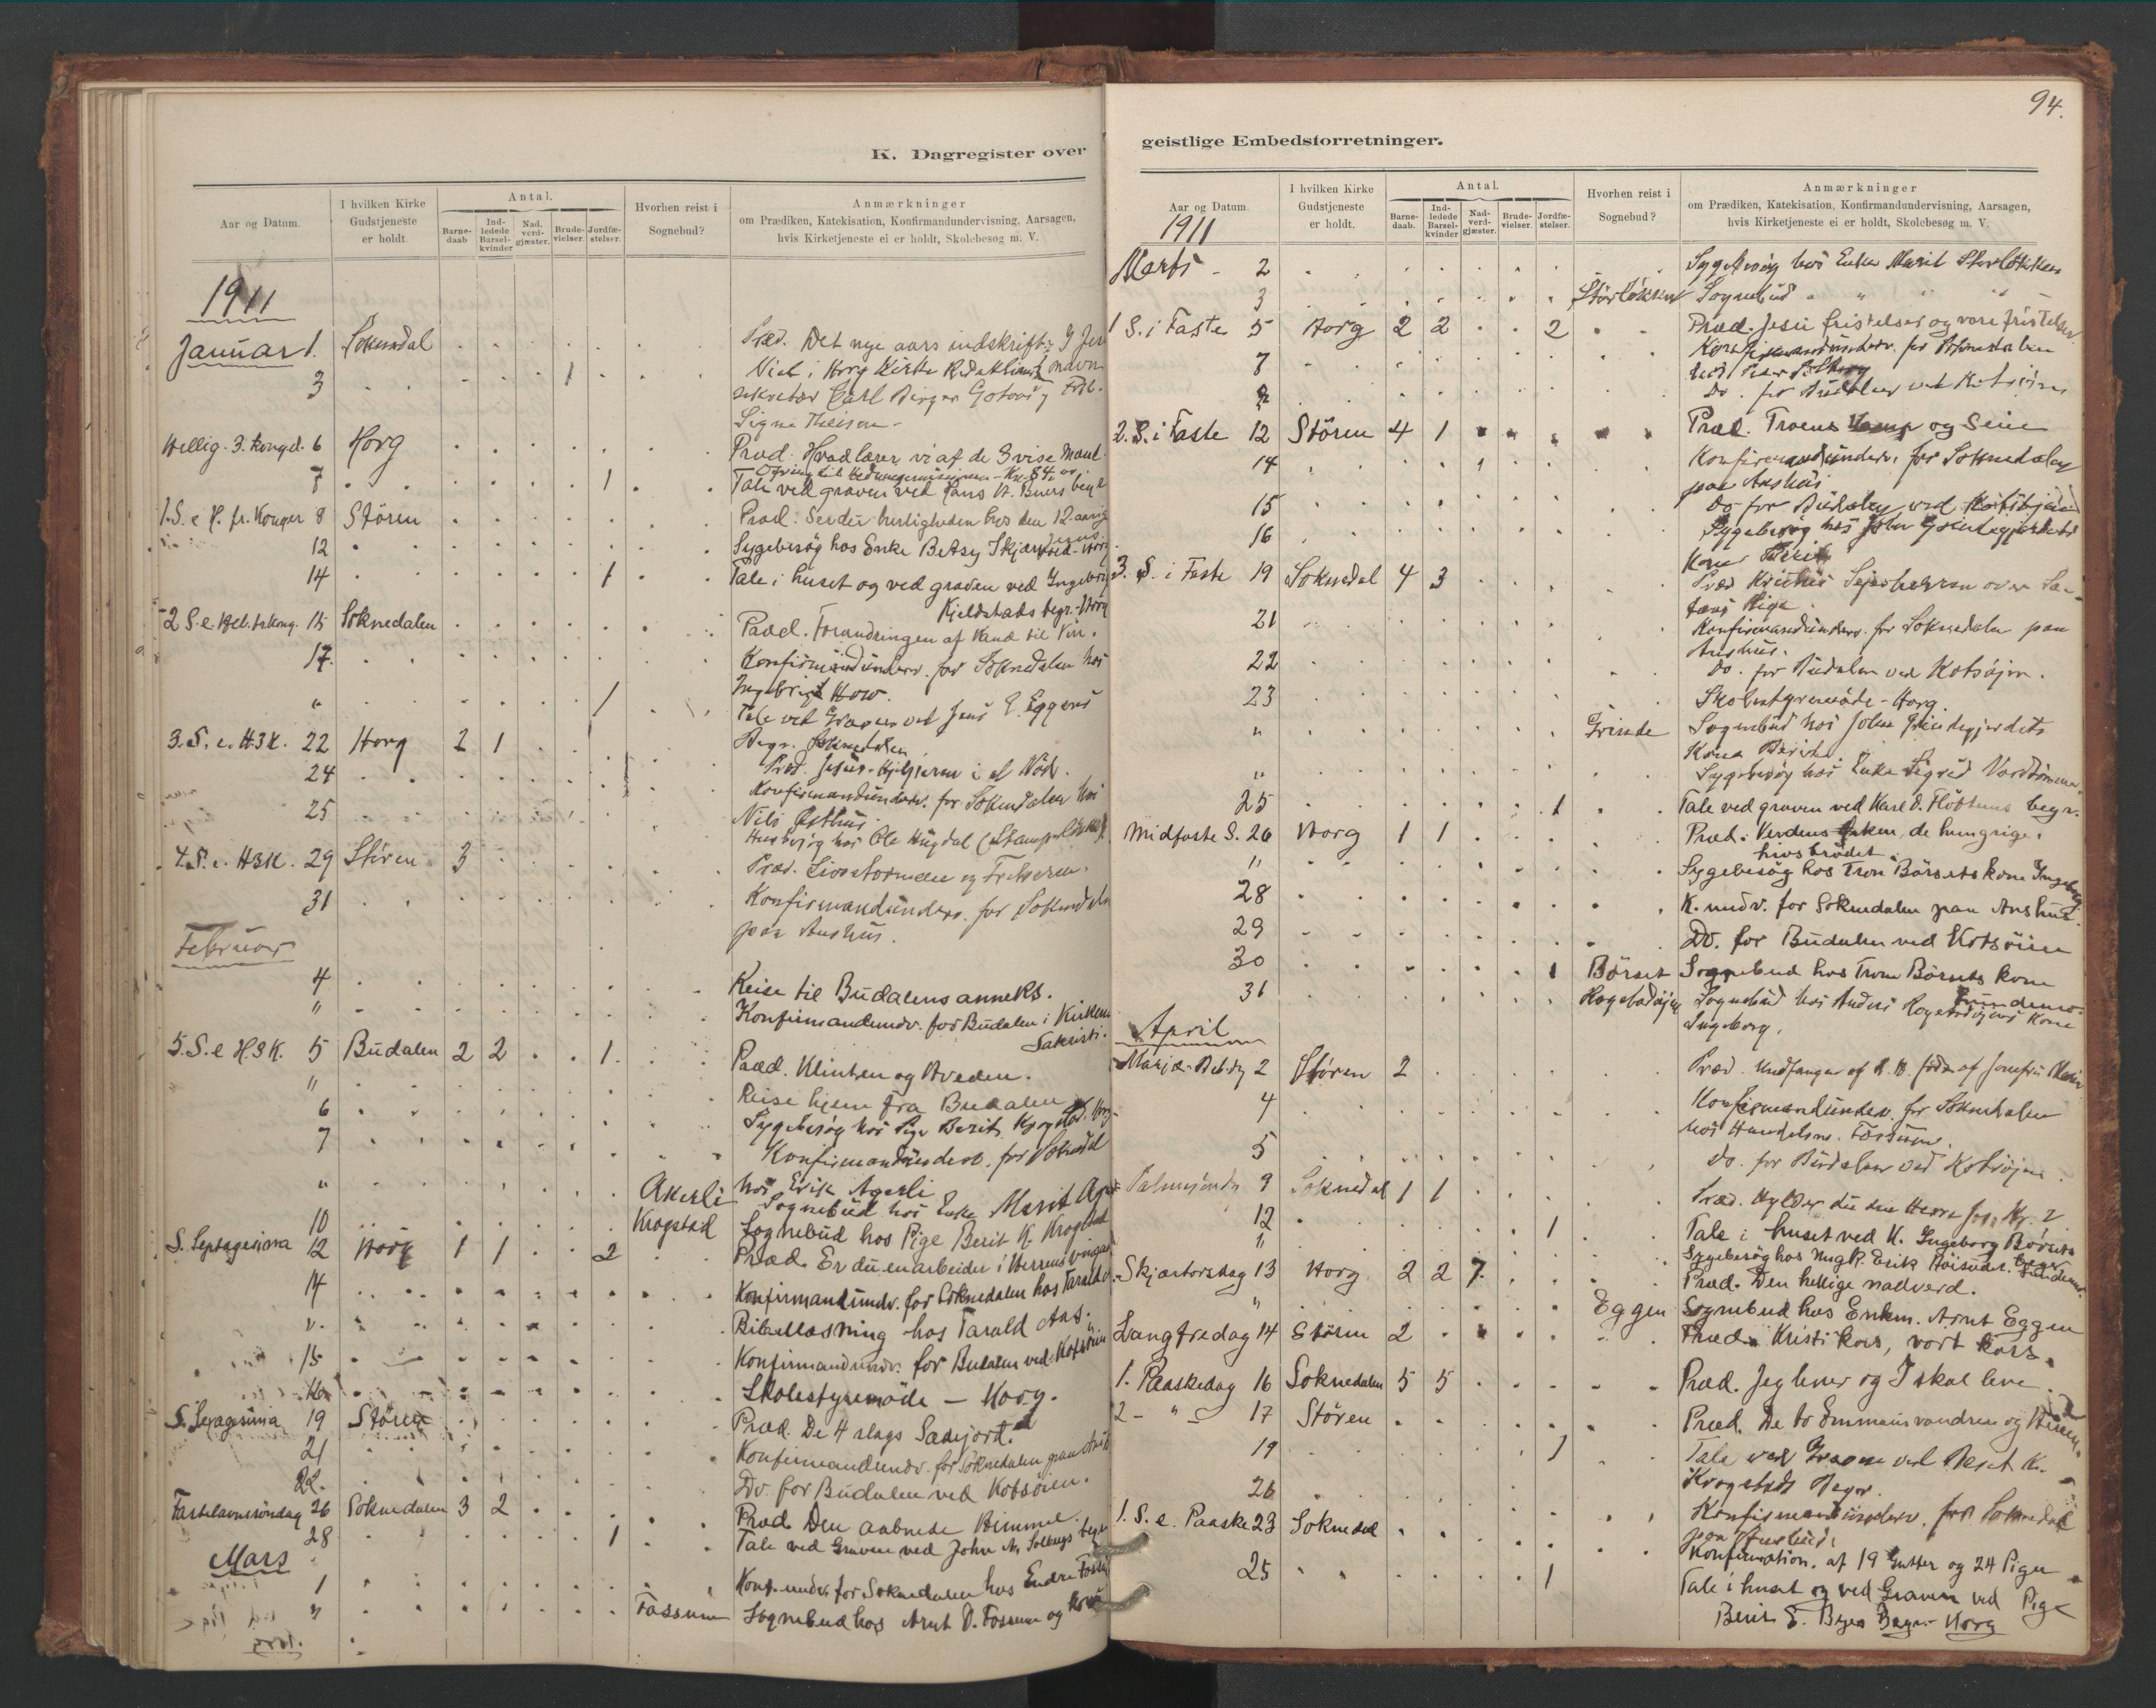 SAT, Ministerialprotokoller, klokkerbøker og fødselsregistre - Sør-Trøndelag, 687/L1012: Dagregister nr. 687B01, 1887-1914, s. 94